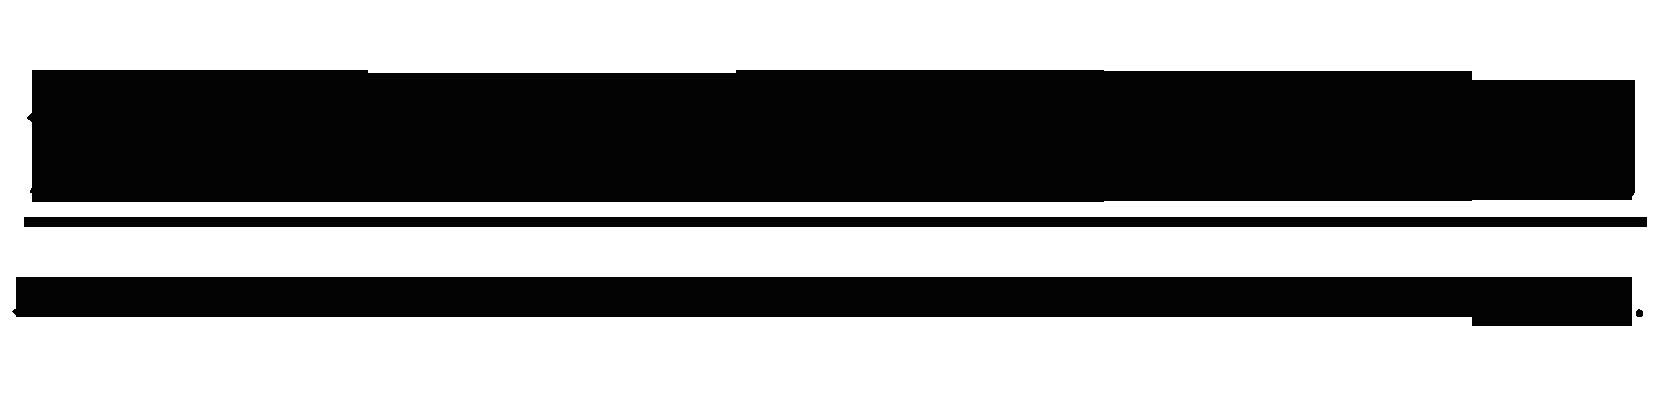 济宁振兴环保科技有限公司